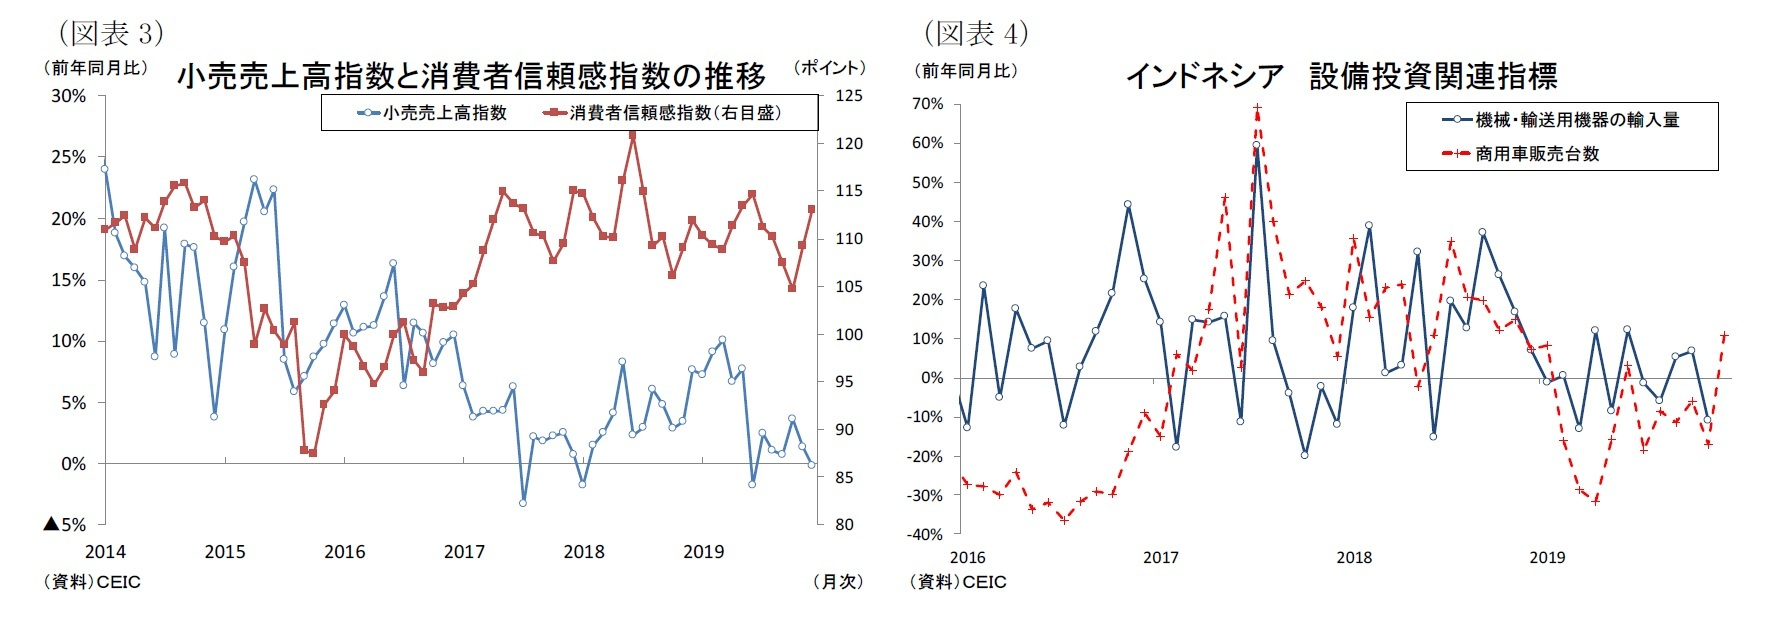 (図表3)小売売上高指数と消費者信頼感指数の推移/(図表4)インドネシア設備投資関連指標